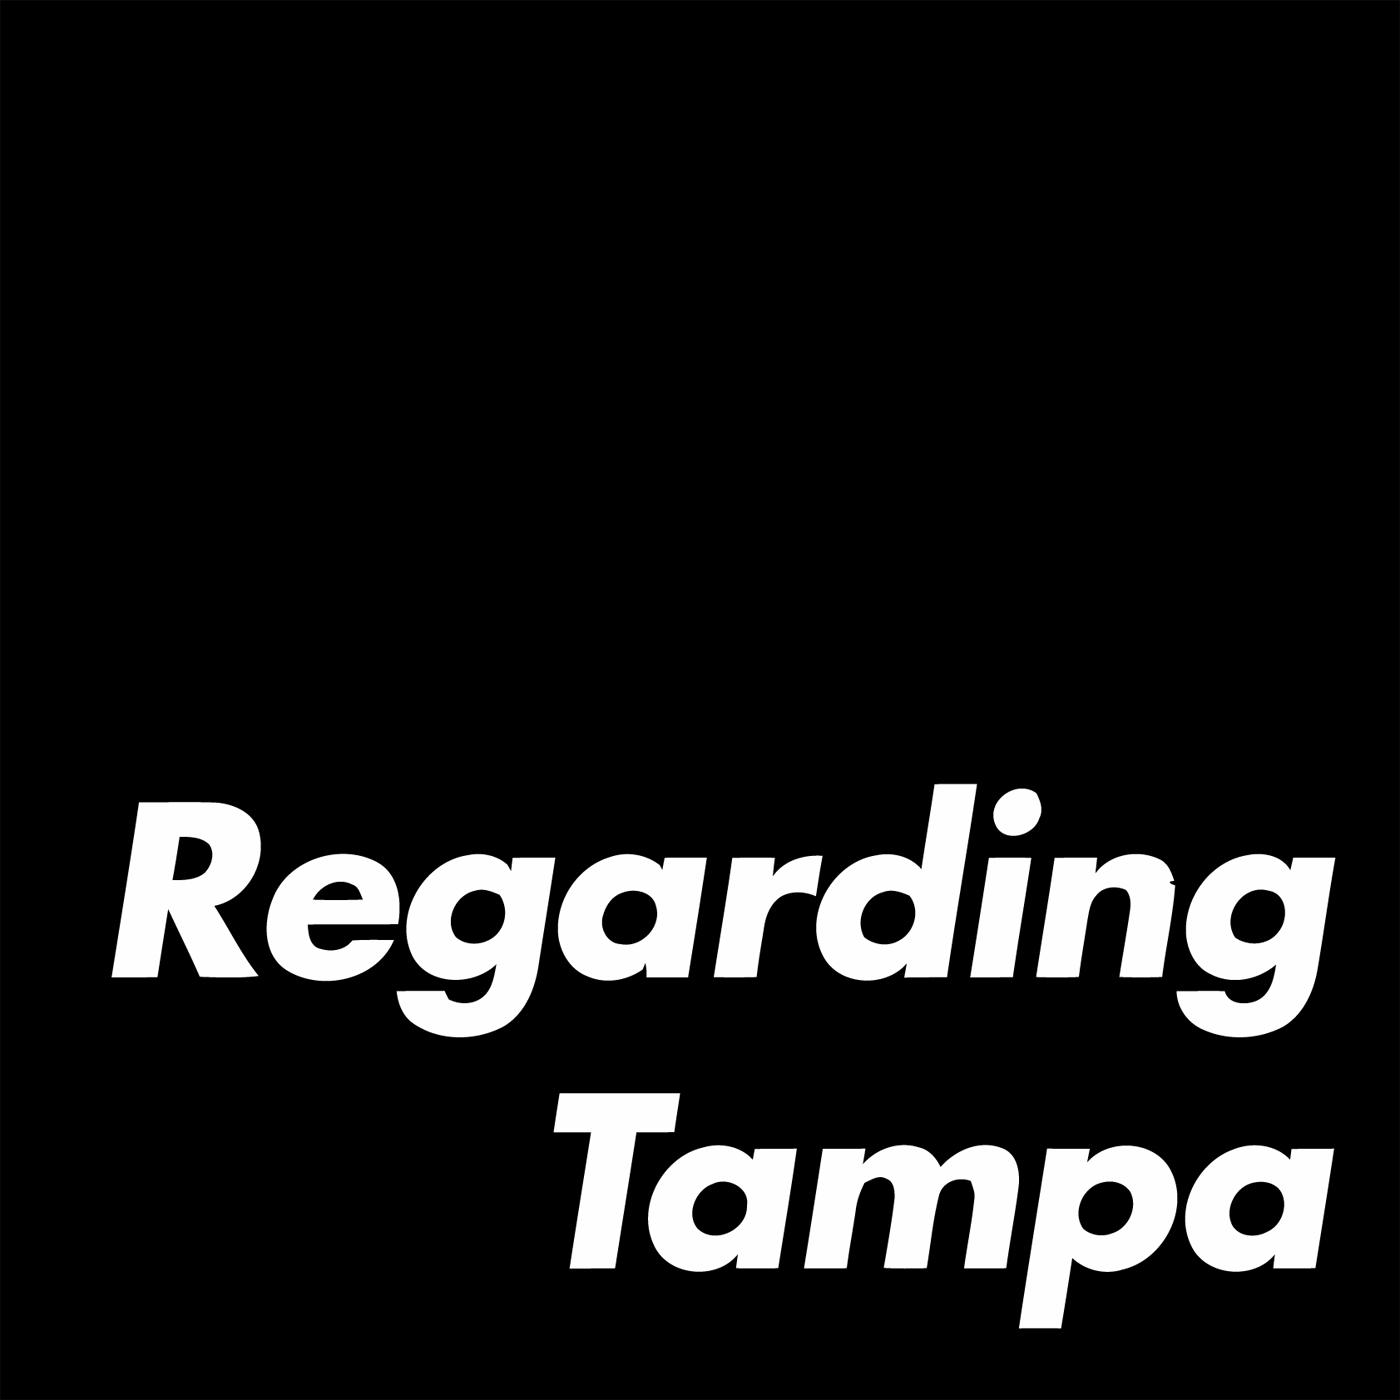 Regarding Tampa logo